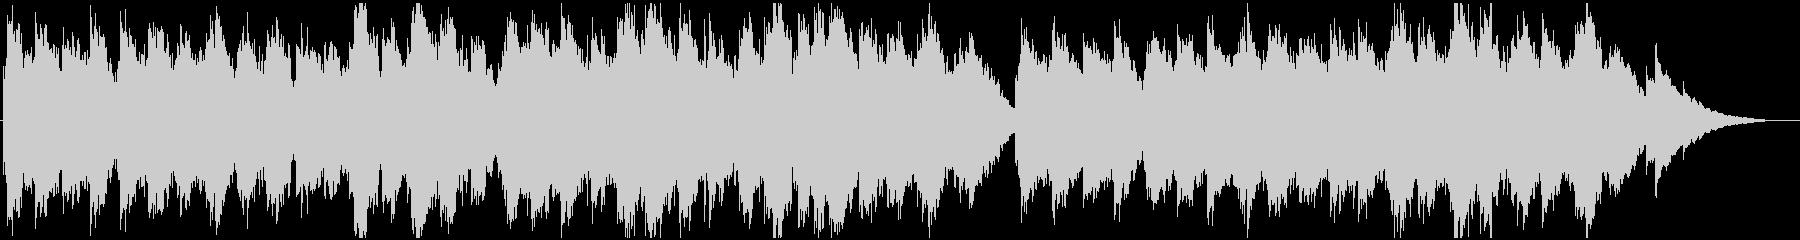 幻想的なリラックスBGMの未再生の波形